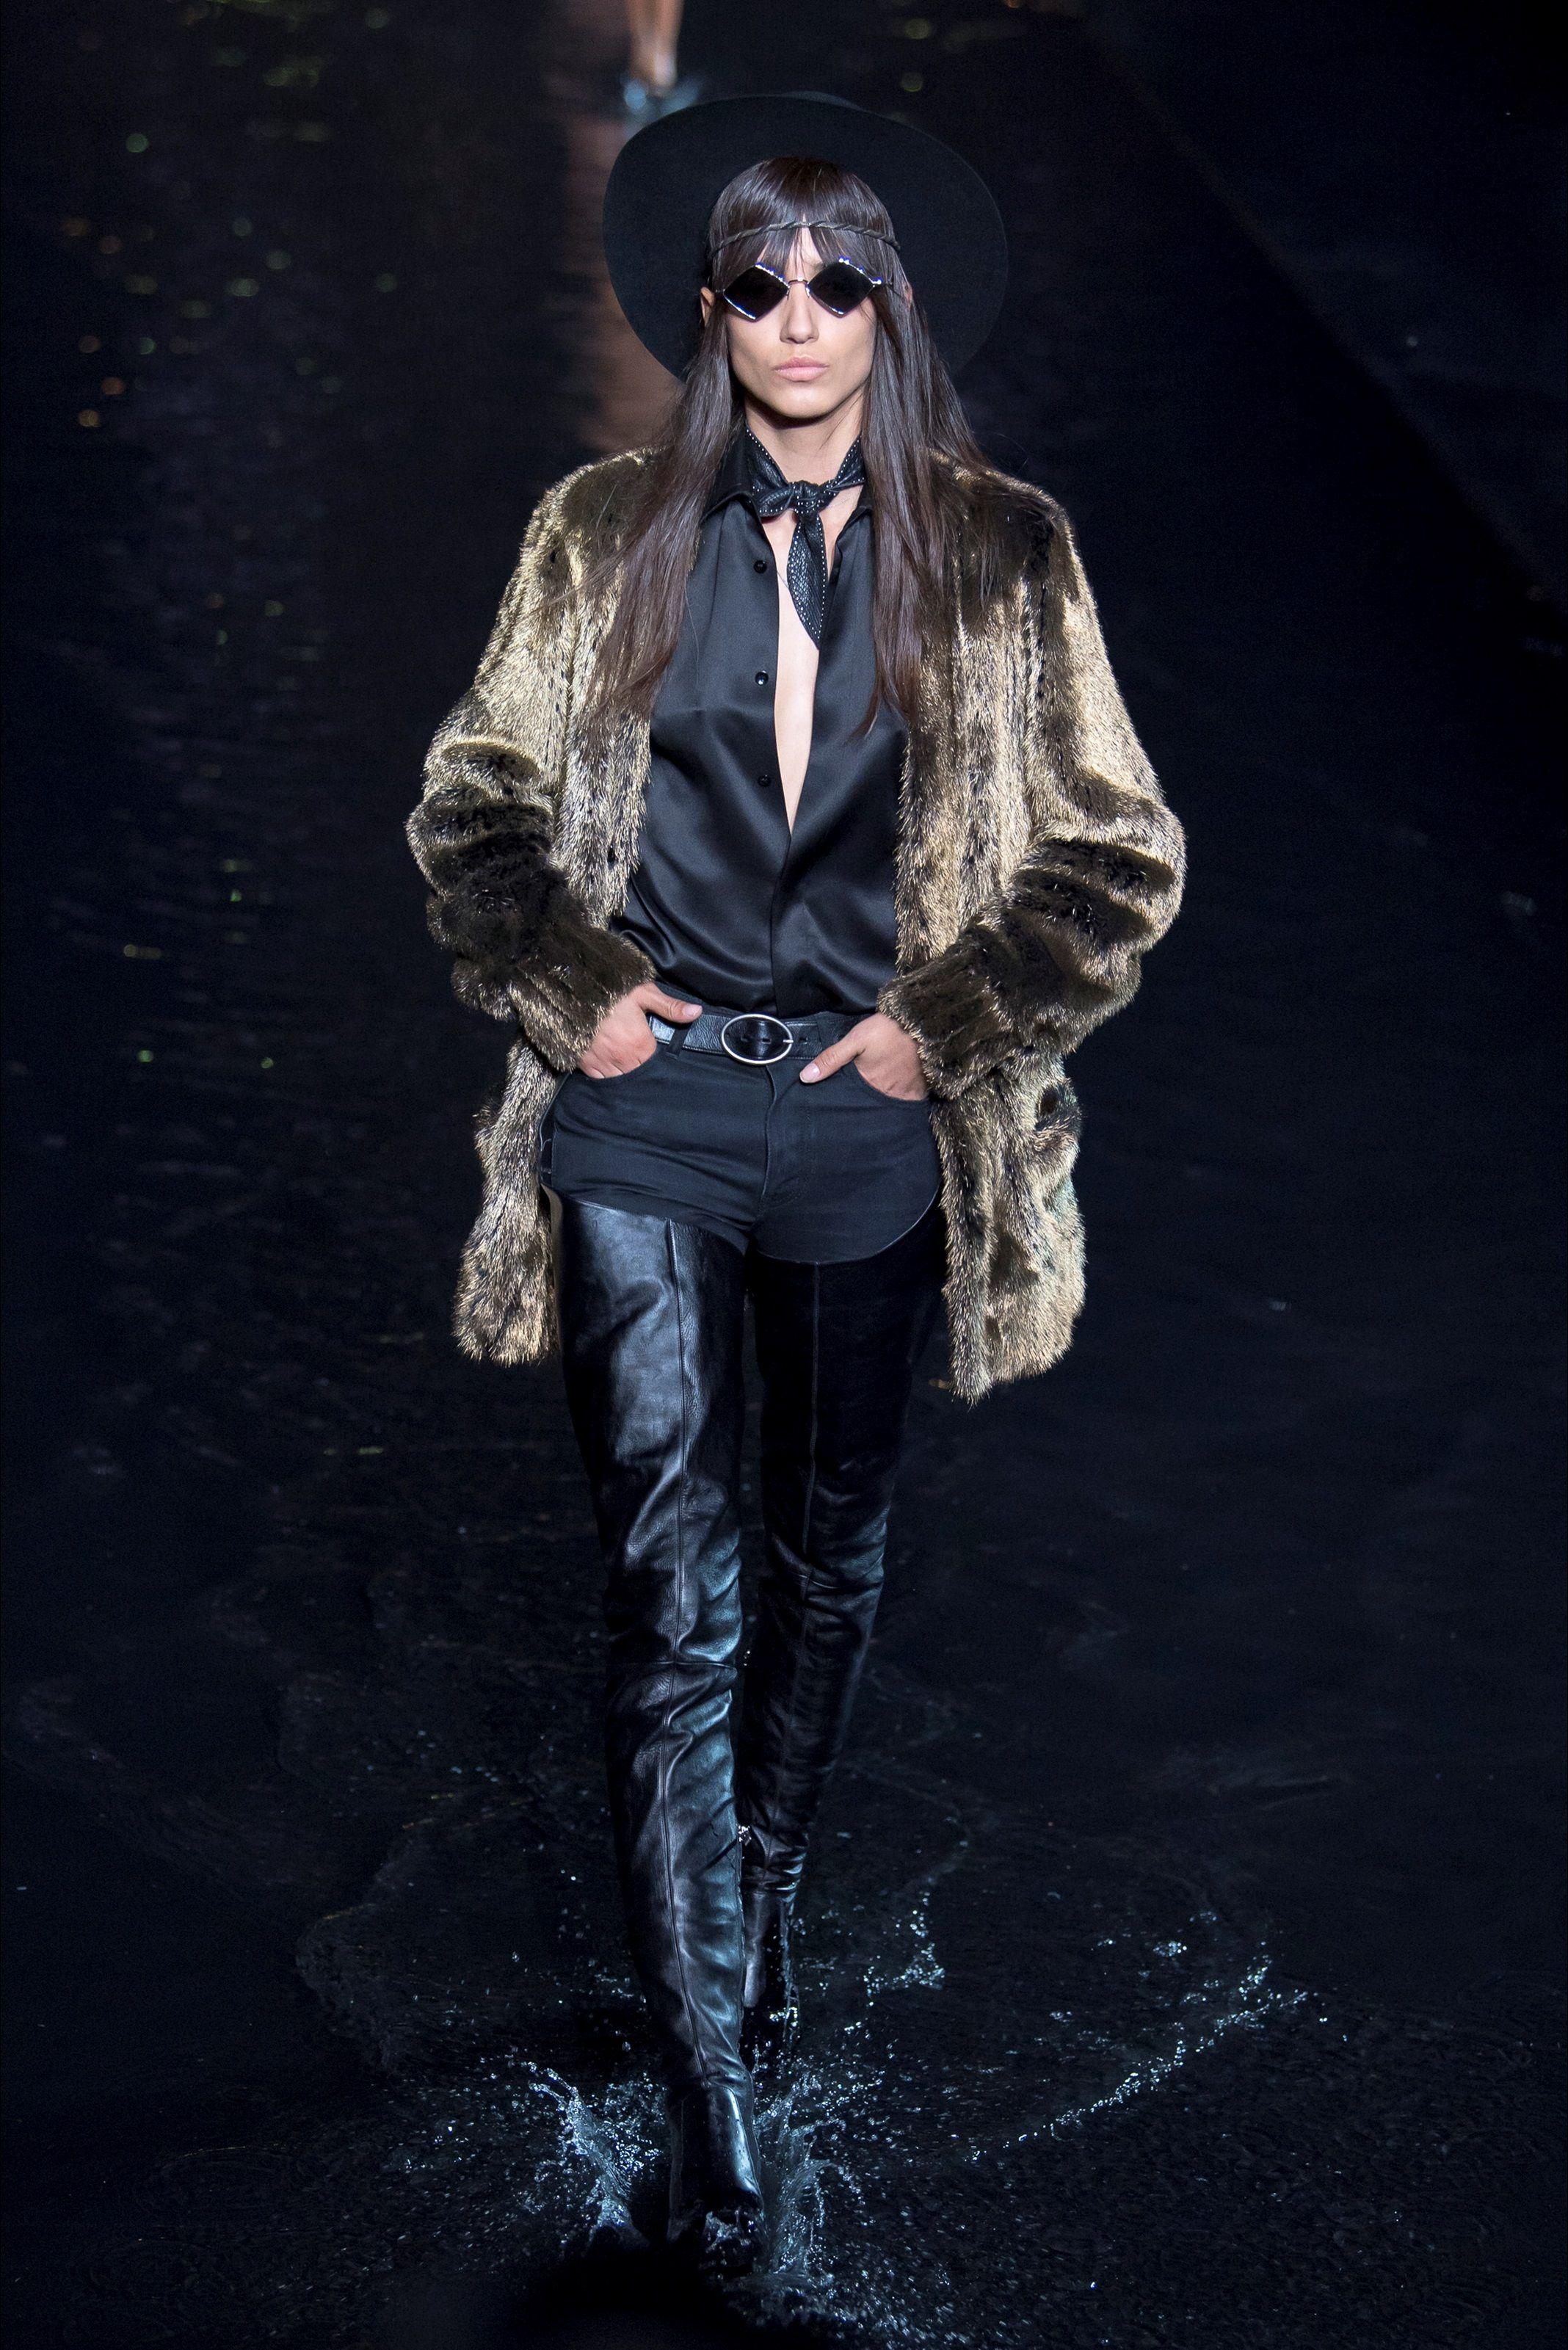 Sfilata Saint Laurent Parigi - Collezioni Primavera Estate 2019 - Vogue 9aacafcc04b